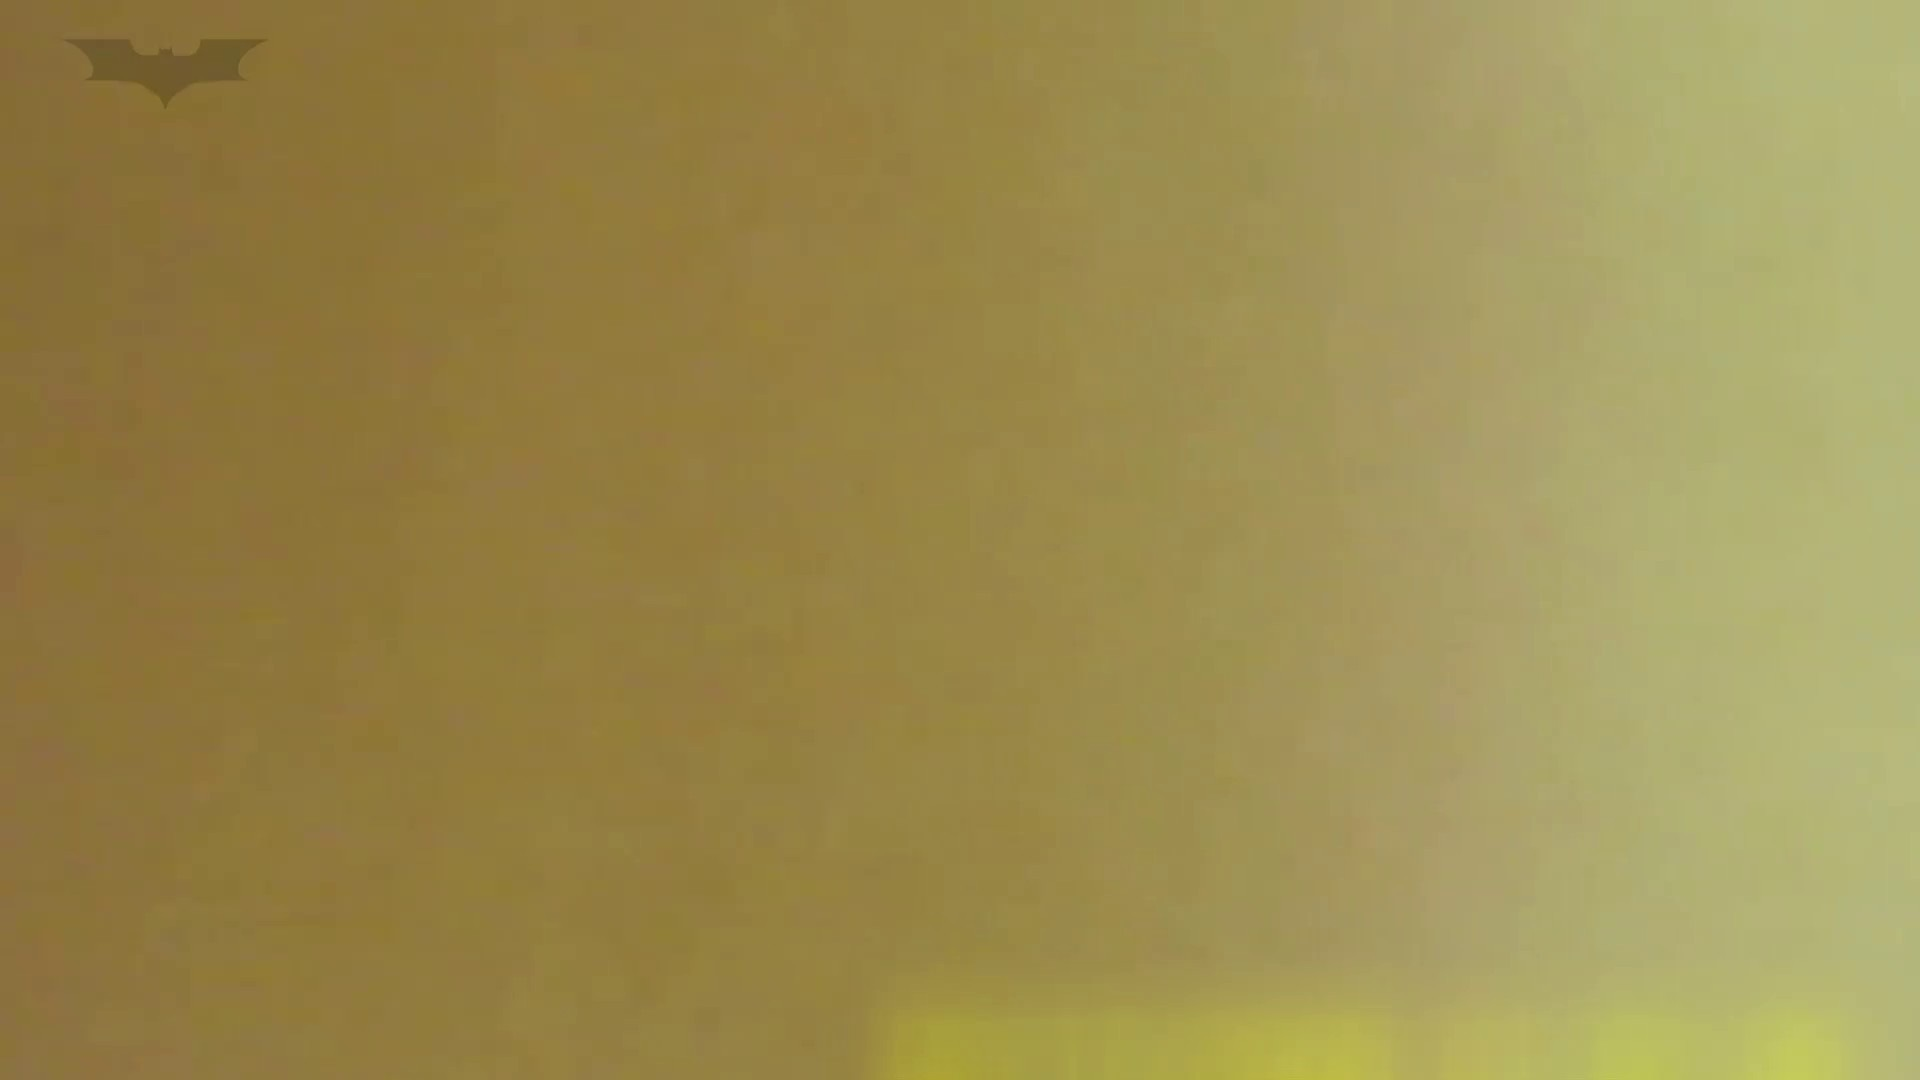 夏の思い出浜辺トイレ盗撮Vol.19 OLの実態 盗撮オマンコ無修正動画無料 25pic 7